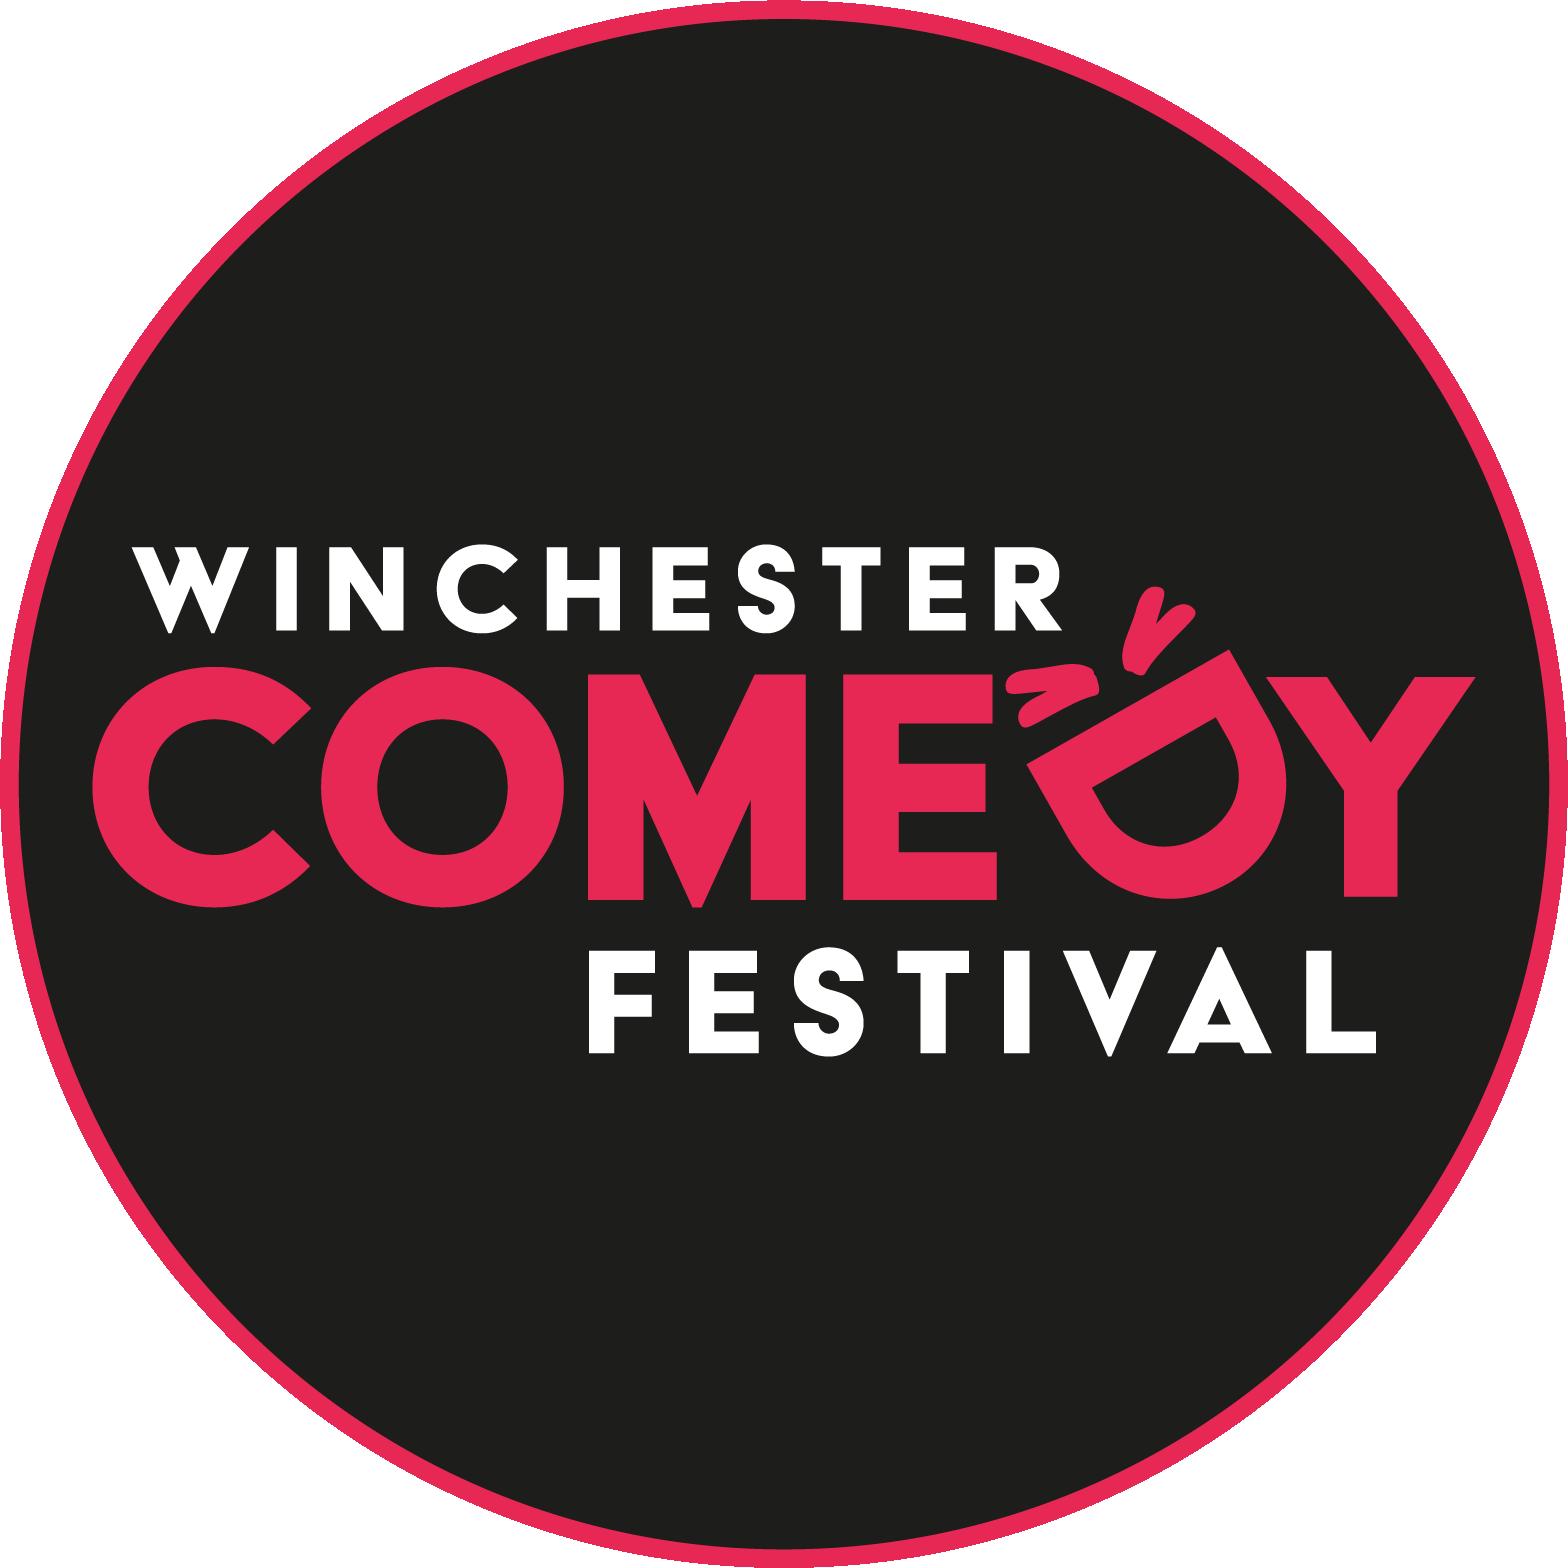 Winchester Comedy Festival 2021